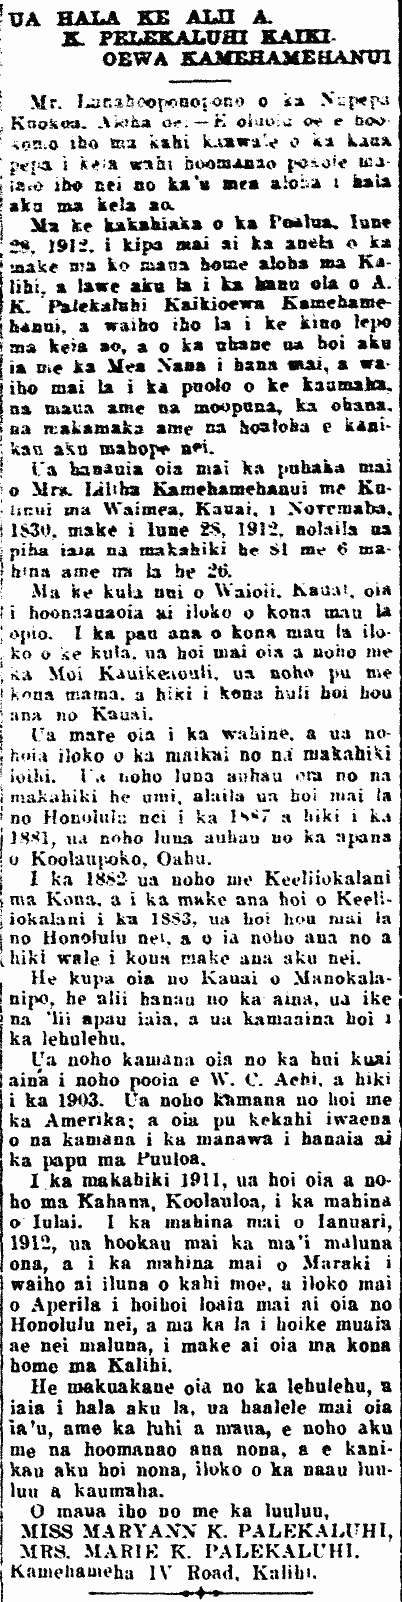 UA HALA KE ALII A. K. PELEKALUHI KAIKIOEWA KAMEHAMEHANUI